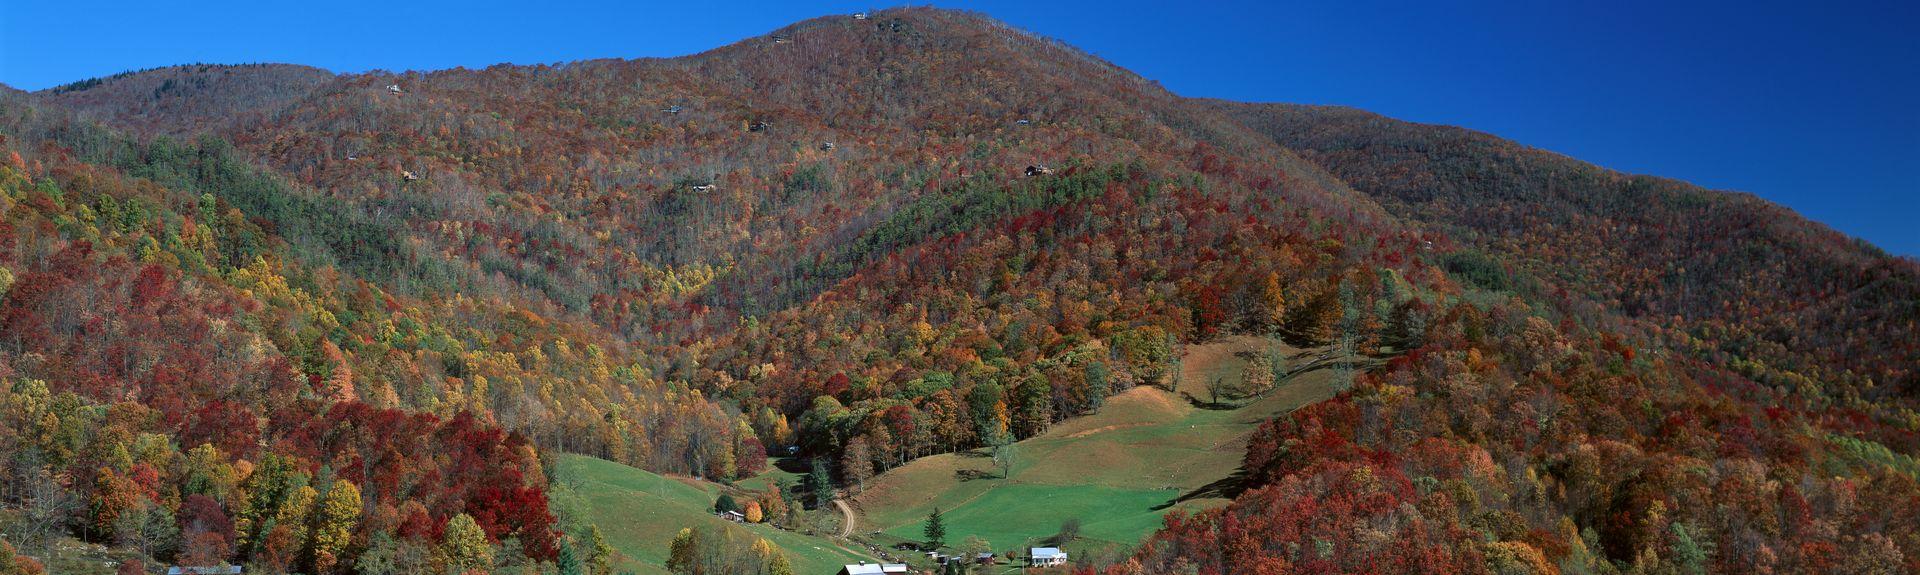 Maggie Valley, Carolina del Norte, Estados Unidos